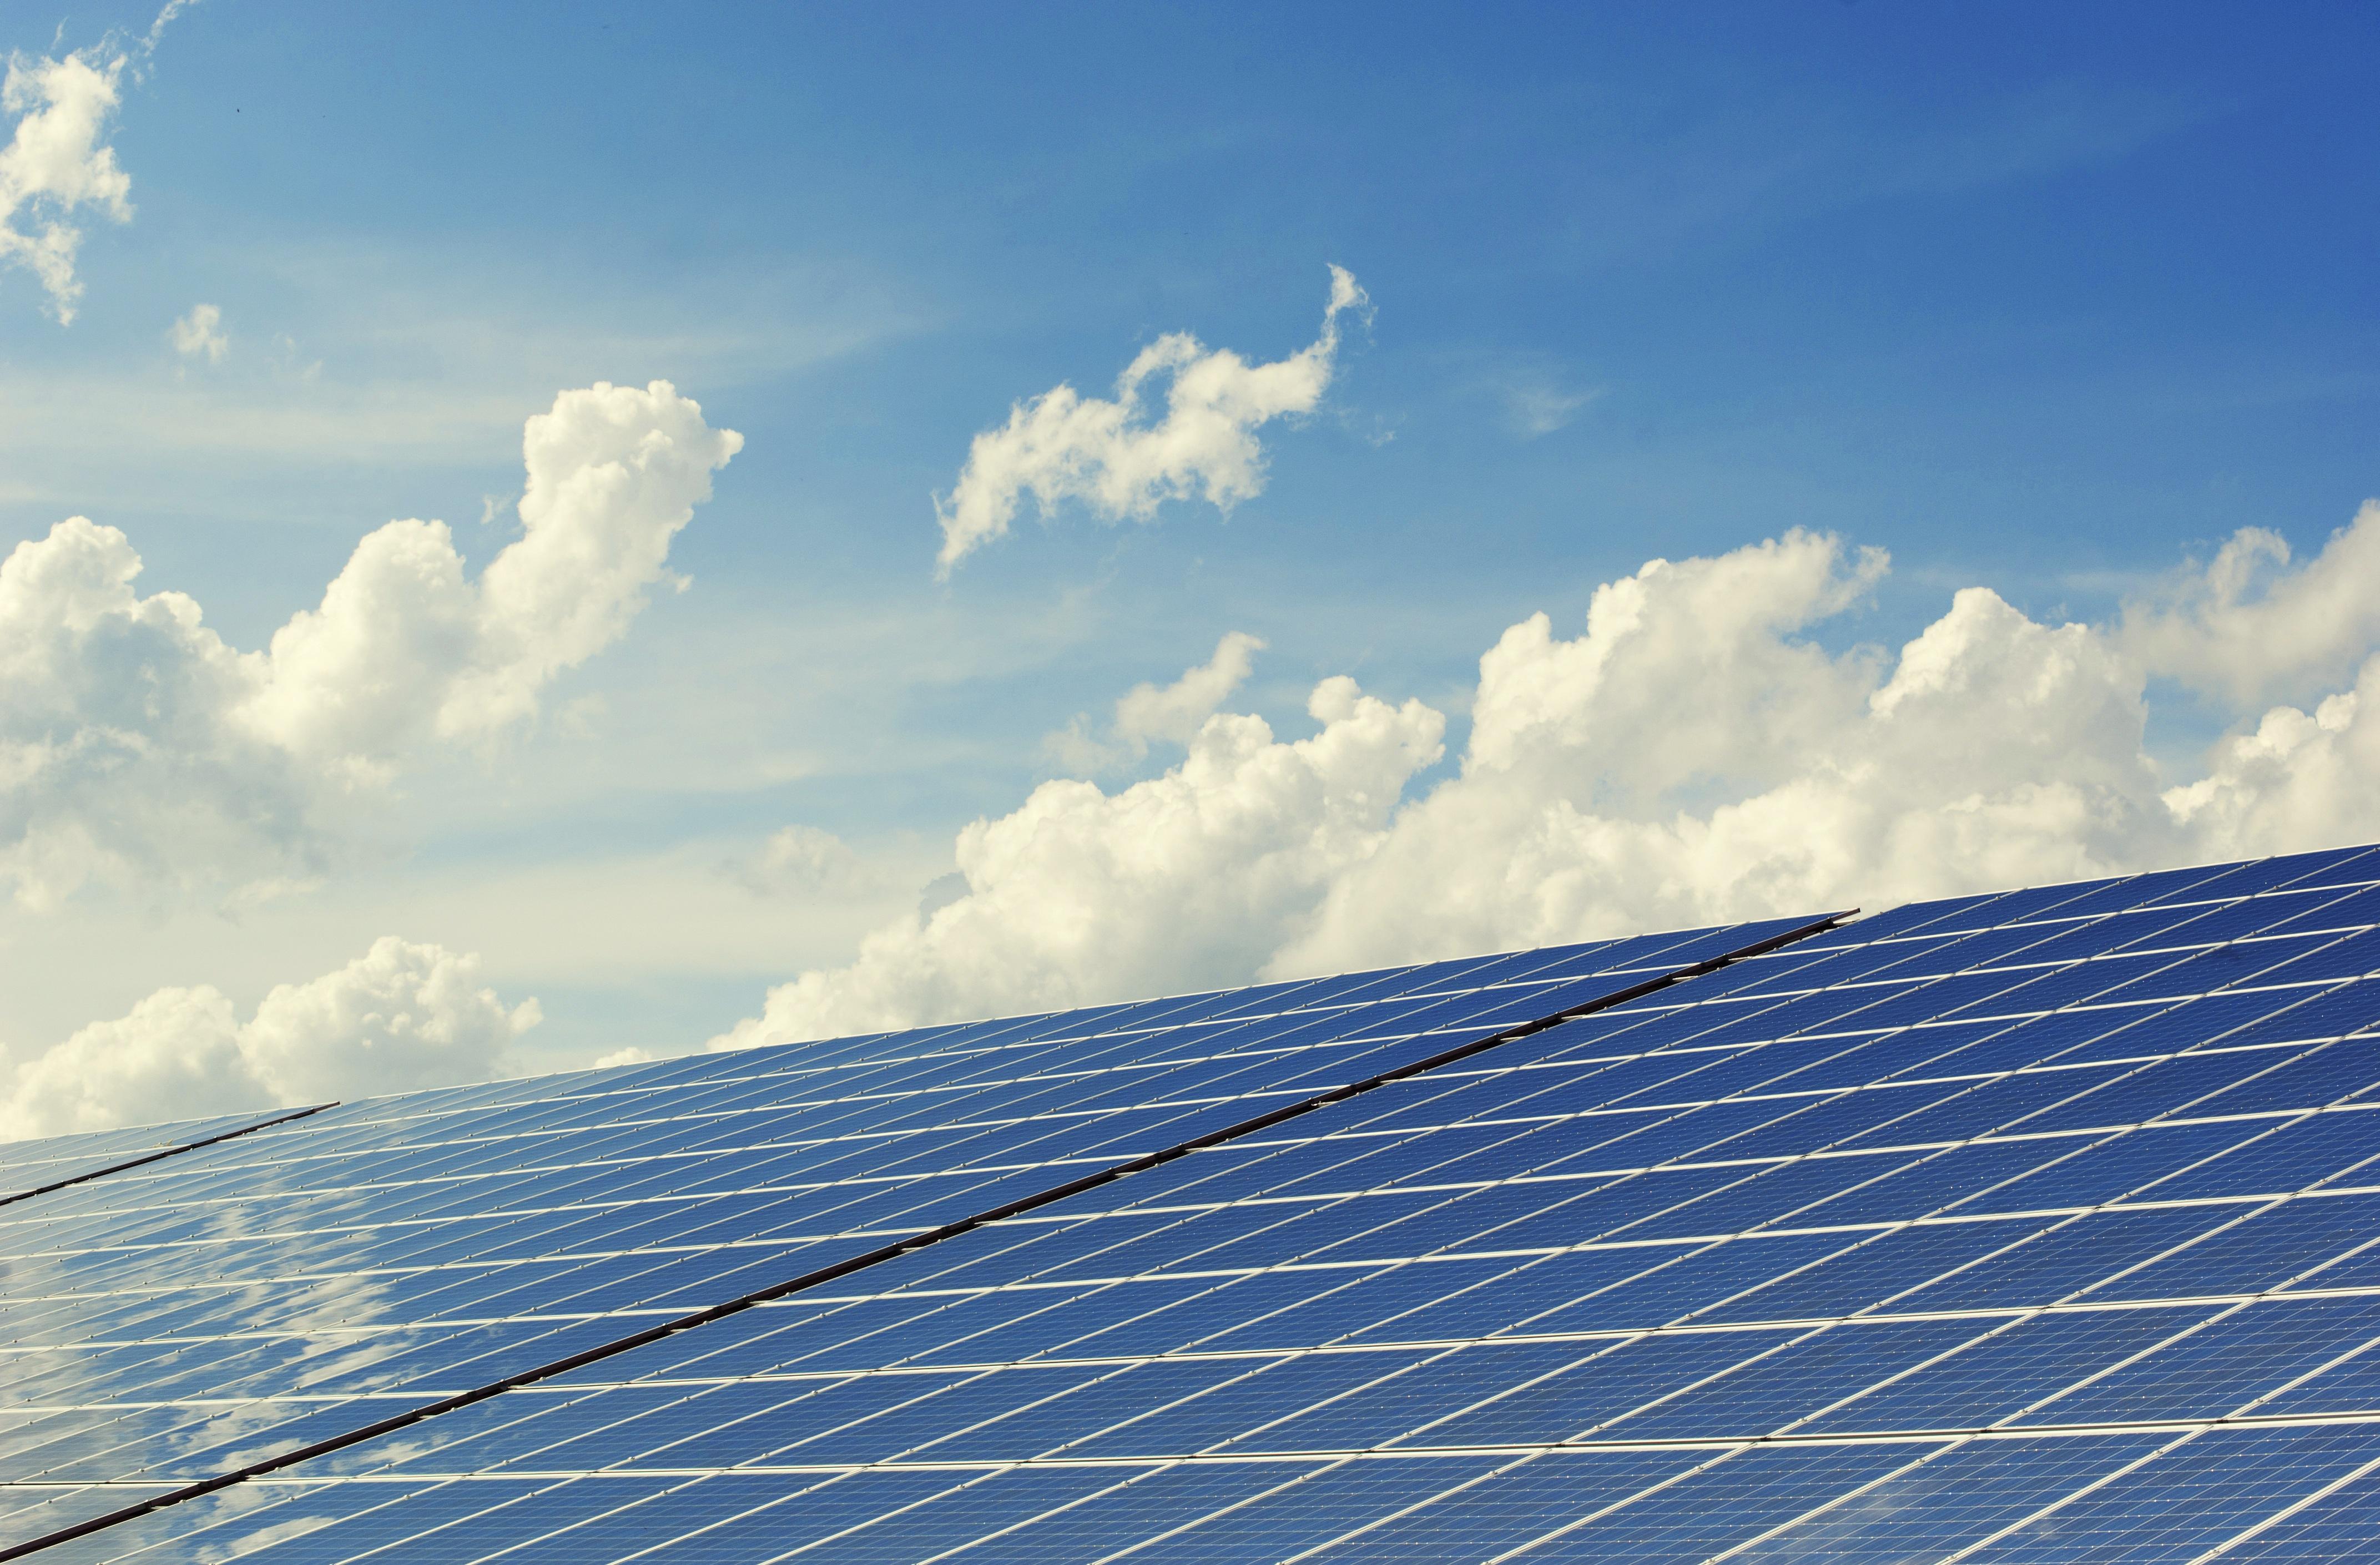 Norsk solenergi-startup signerer milliardkontrakt i Iran